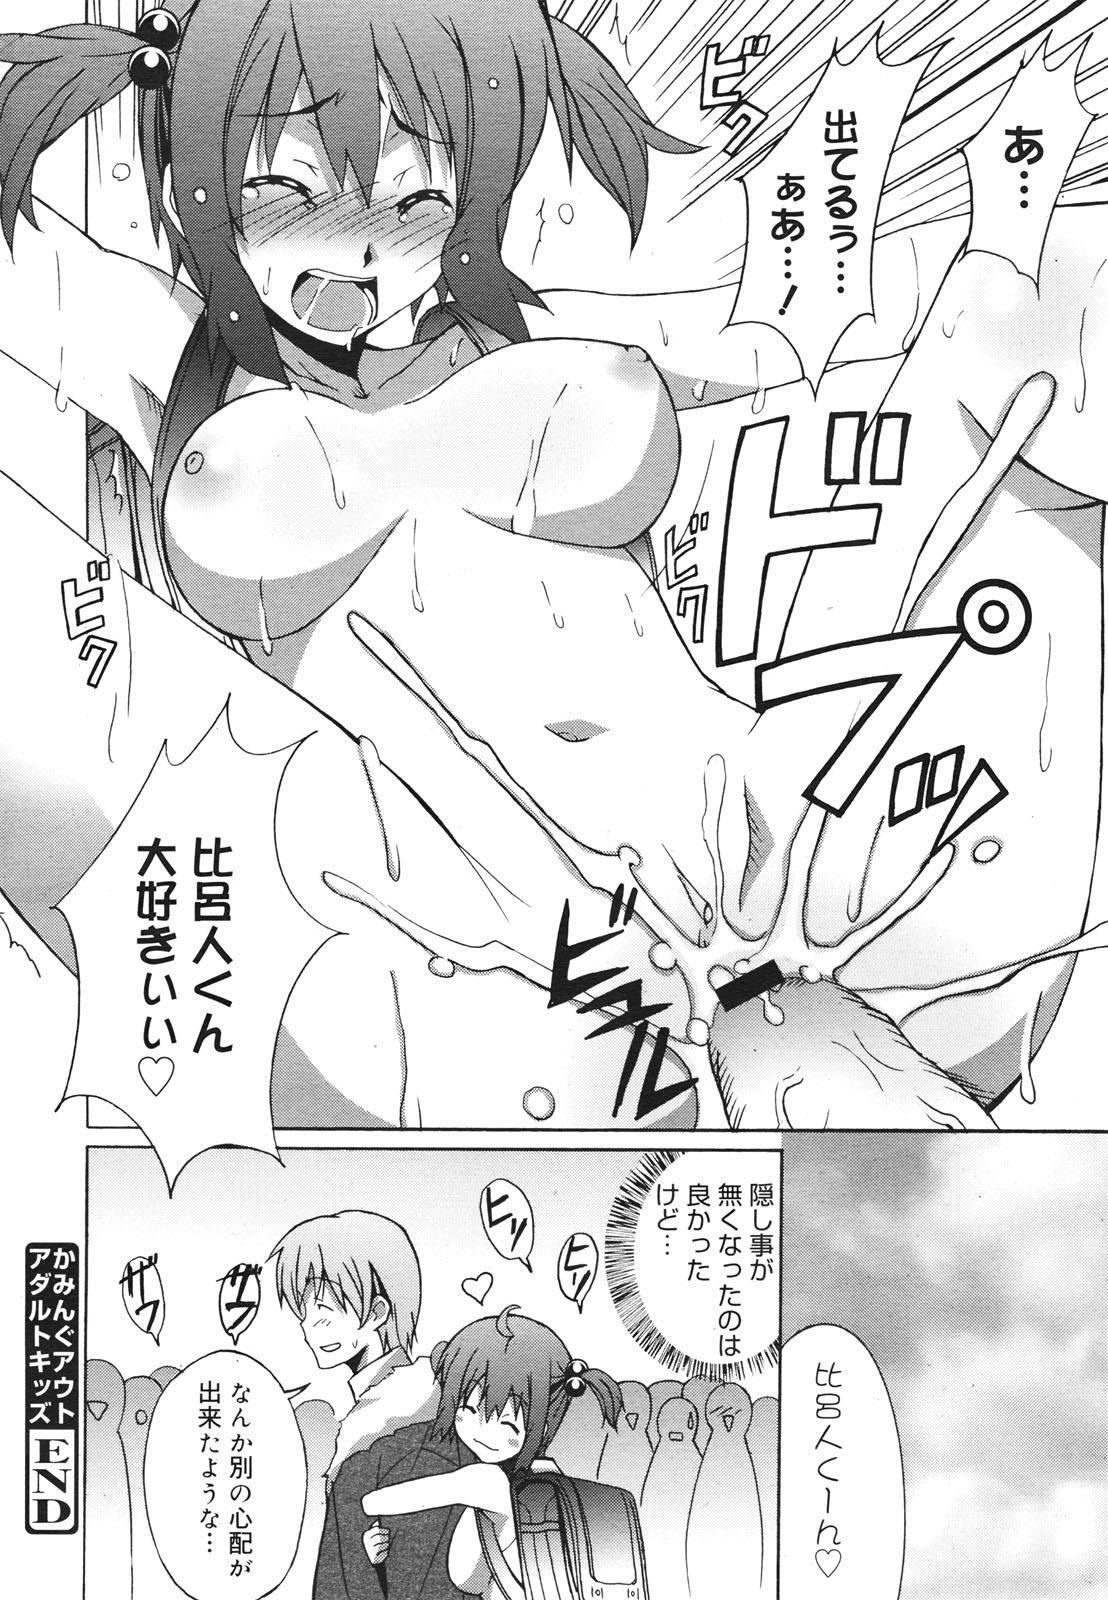 COMIC 0EX Vol. 28 2010-04 23